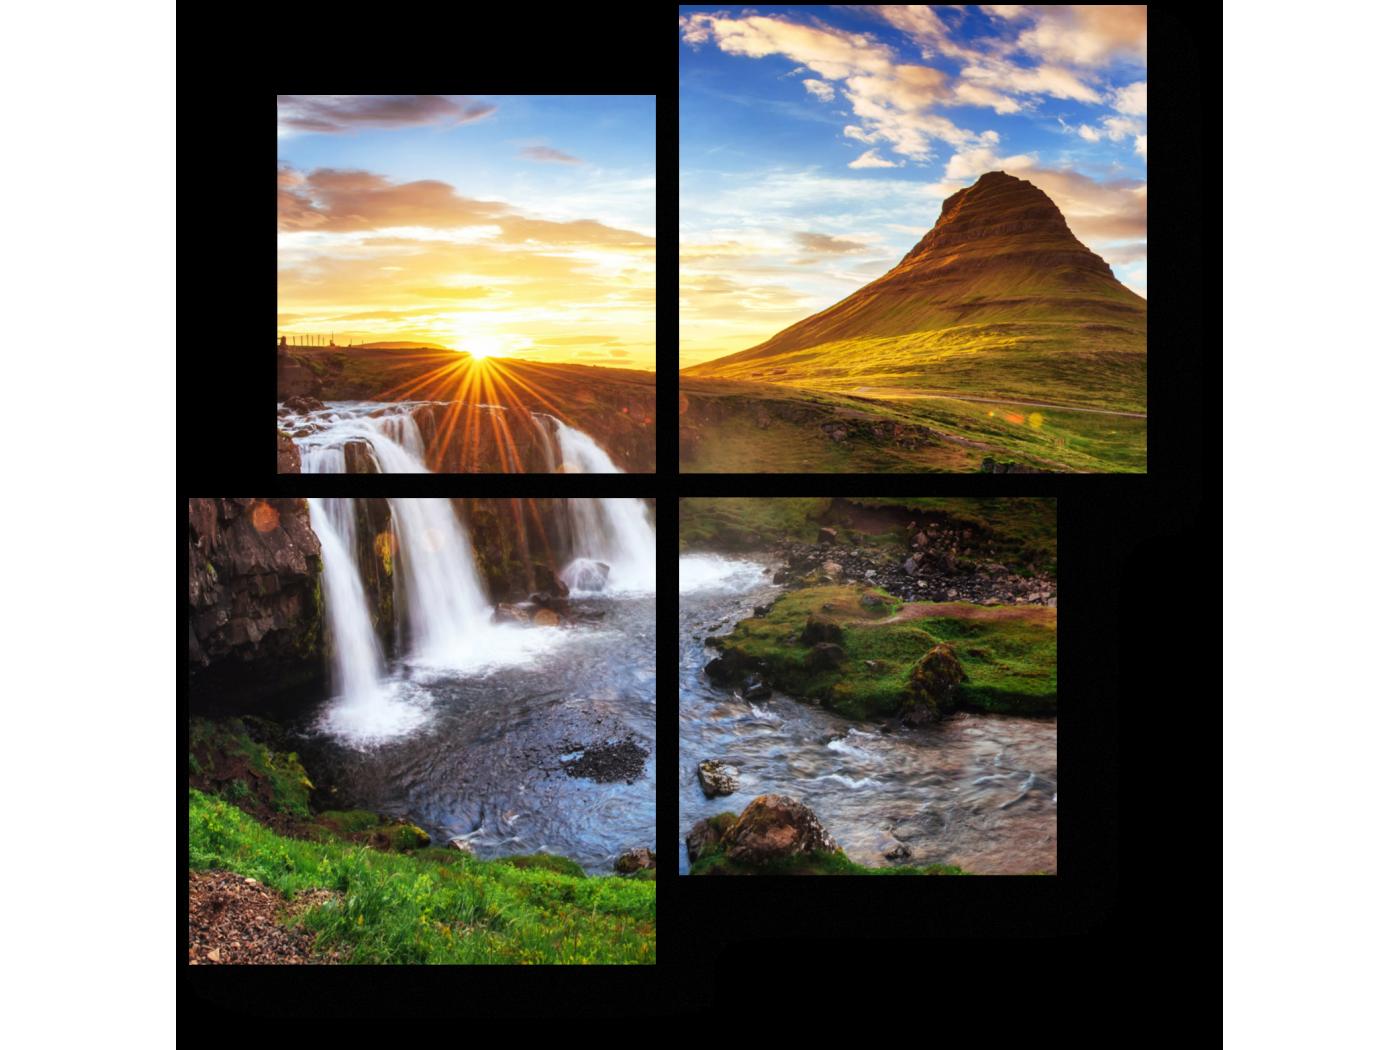 Модульная картина Живописный пейзаж Исландии (50x50) фото